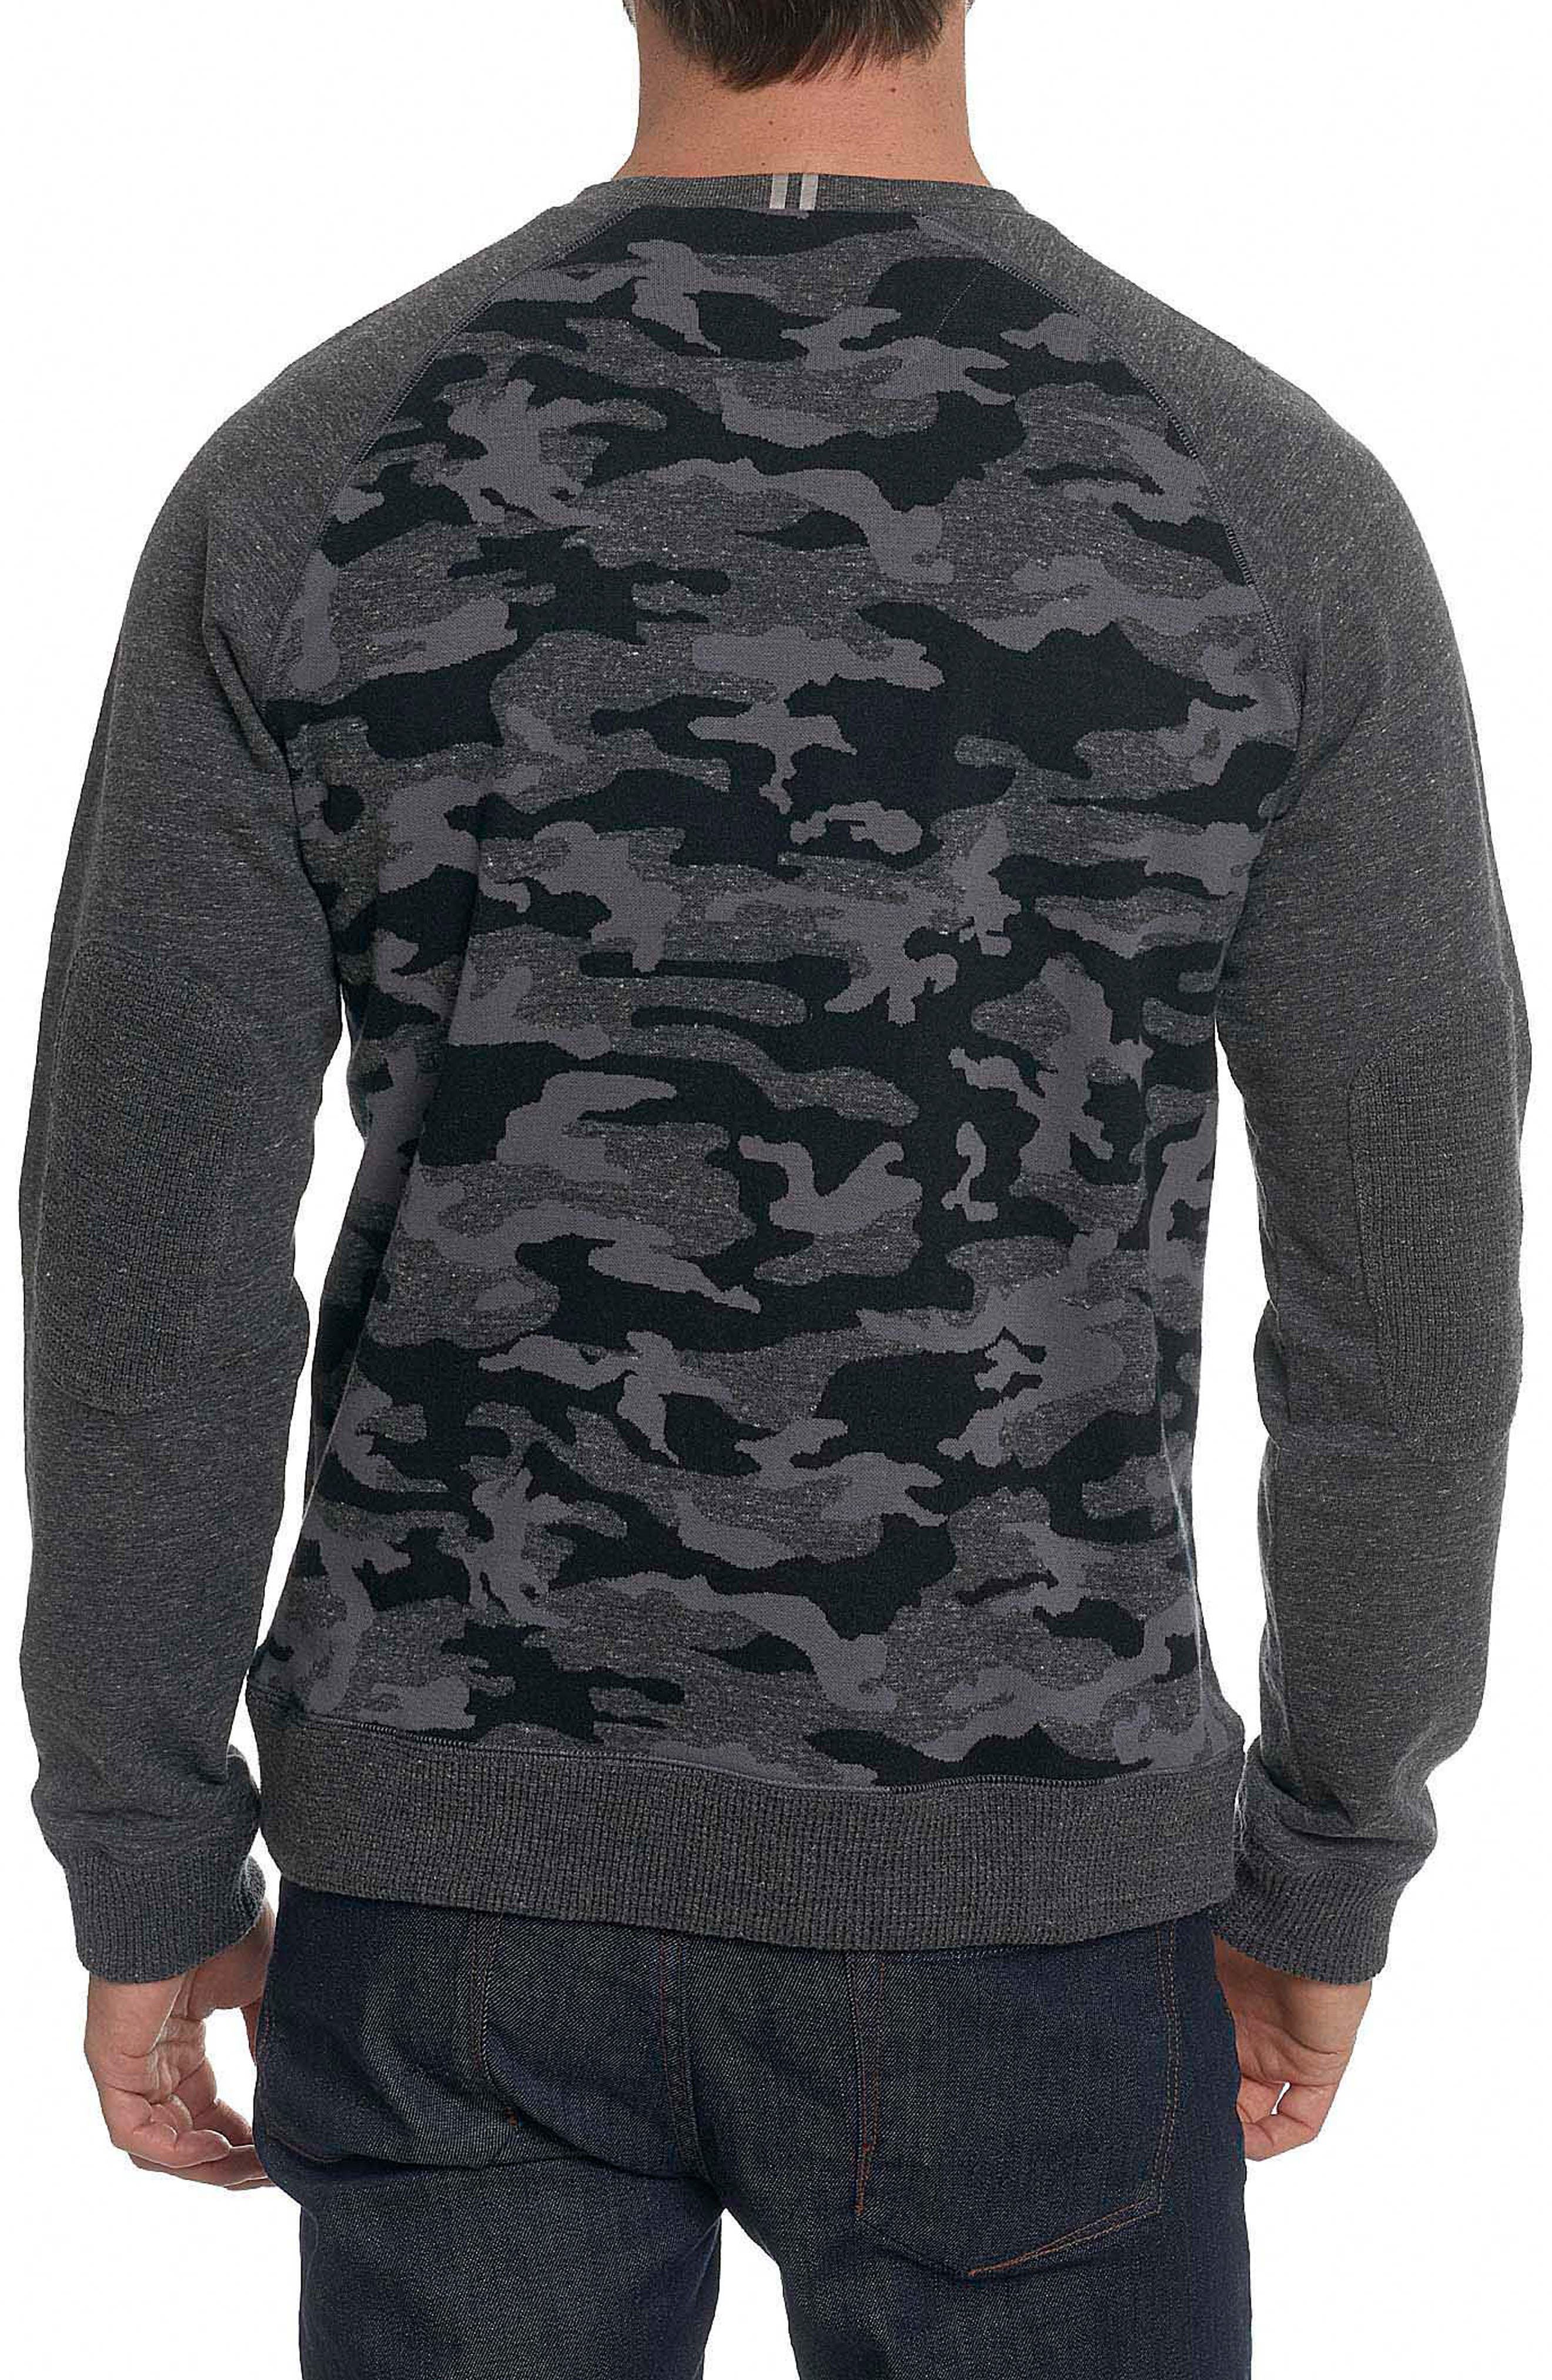 Mooers Camo Raglan Sleeve Shirt,                             Alternate thumbnail 2, color,                             Charcoal